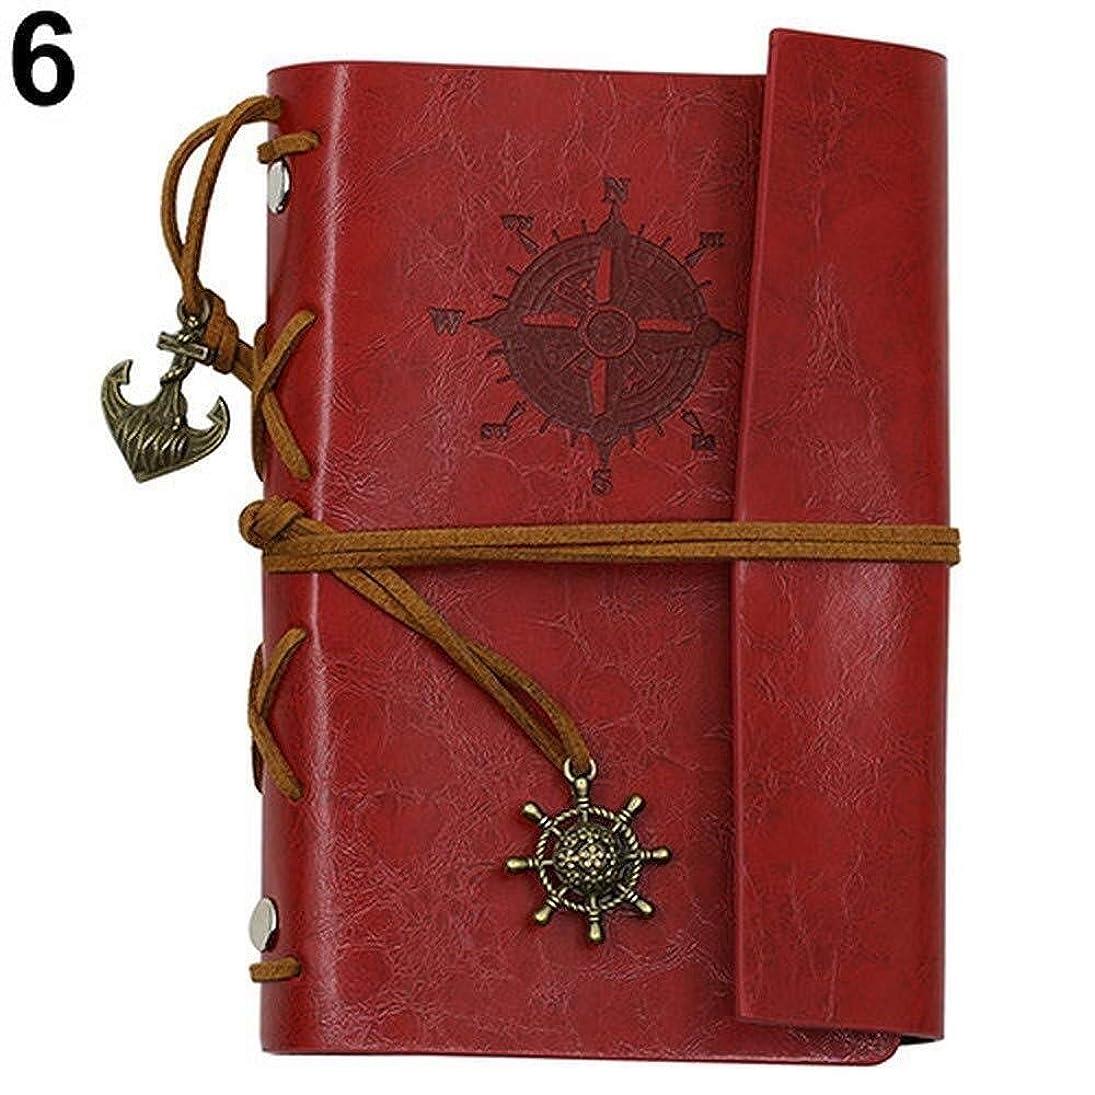 終わったお母さん幽霊レトロフィルノートプレミアムPUレザークラシックエンボスペンダント、旅行日記、カジュアルノートブック、旅行日記 (Color : D)